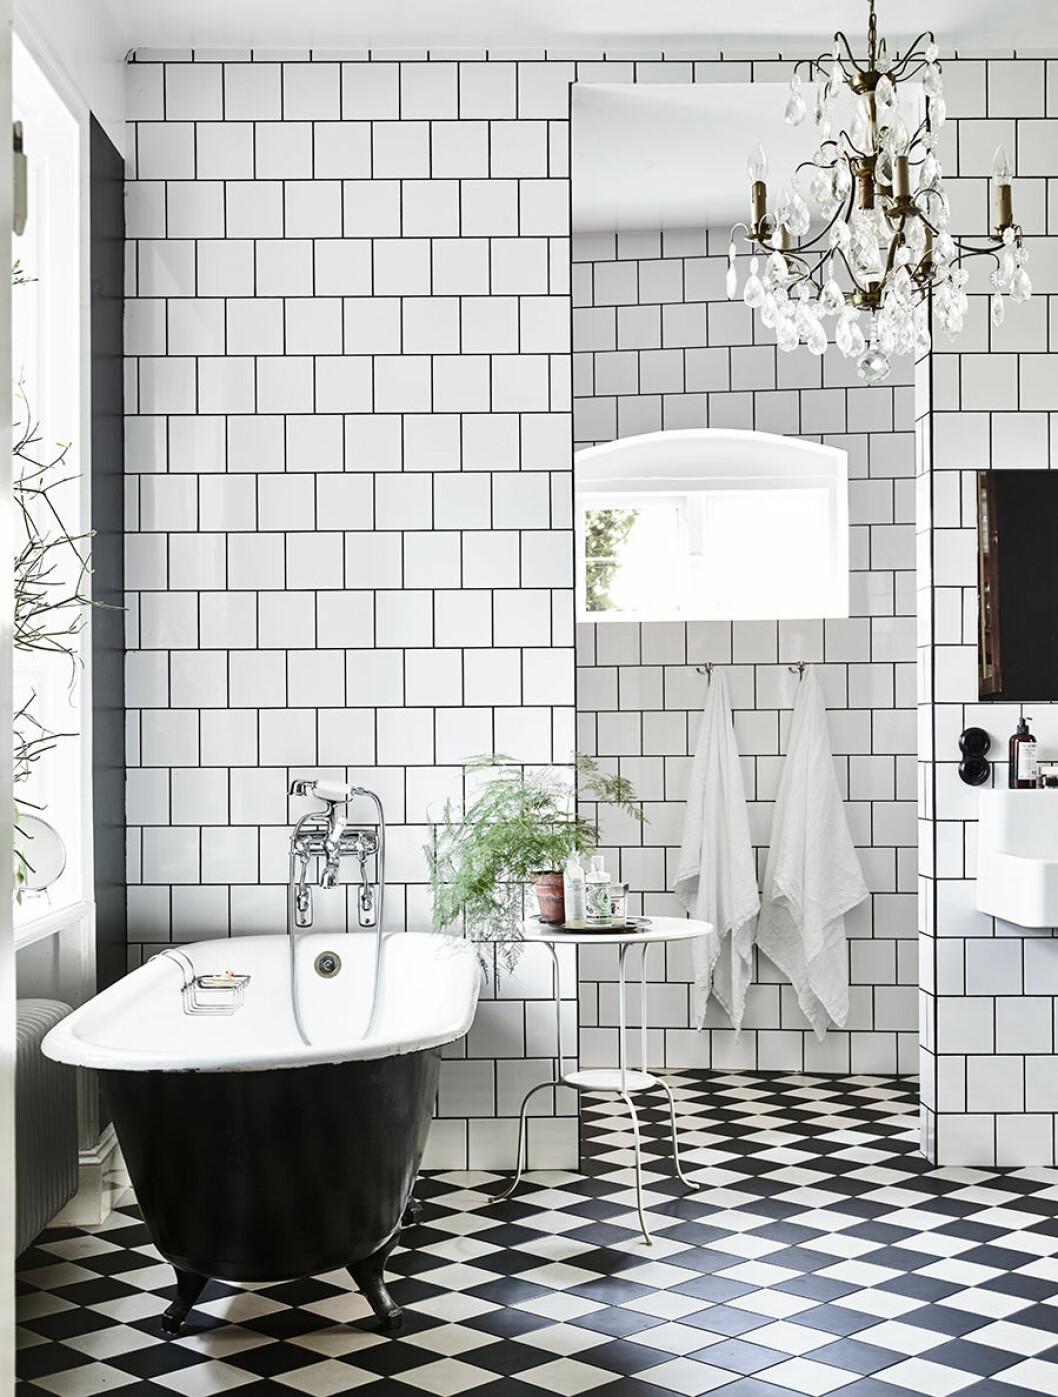 Svart badkar i badrum med vit och svart-rutigt klinkergolv